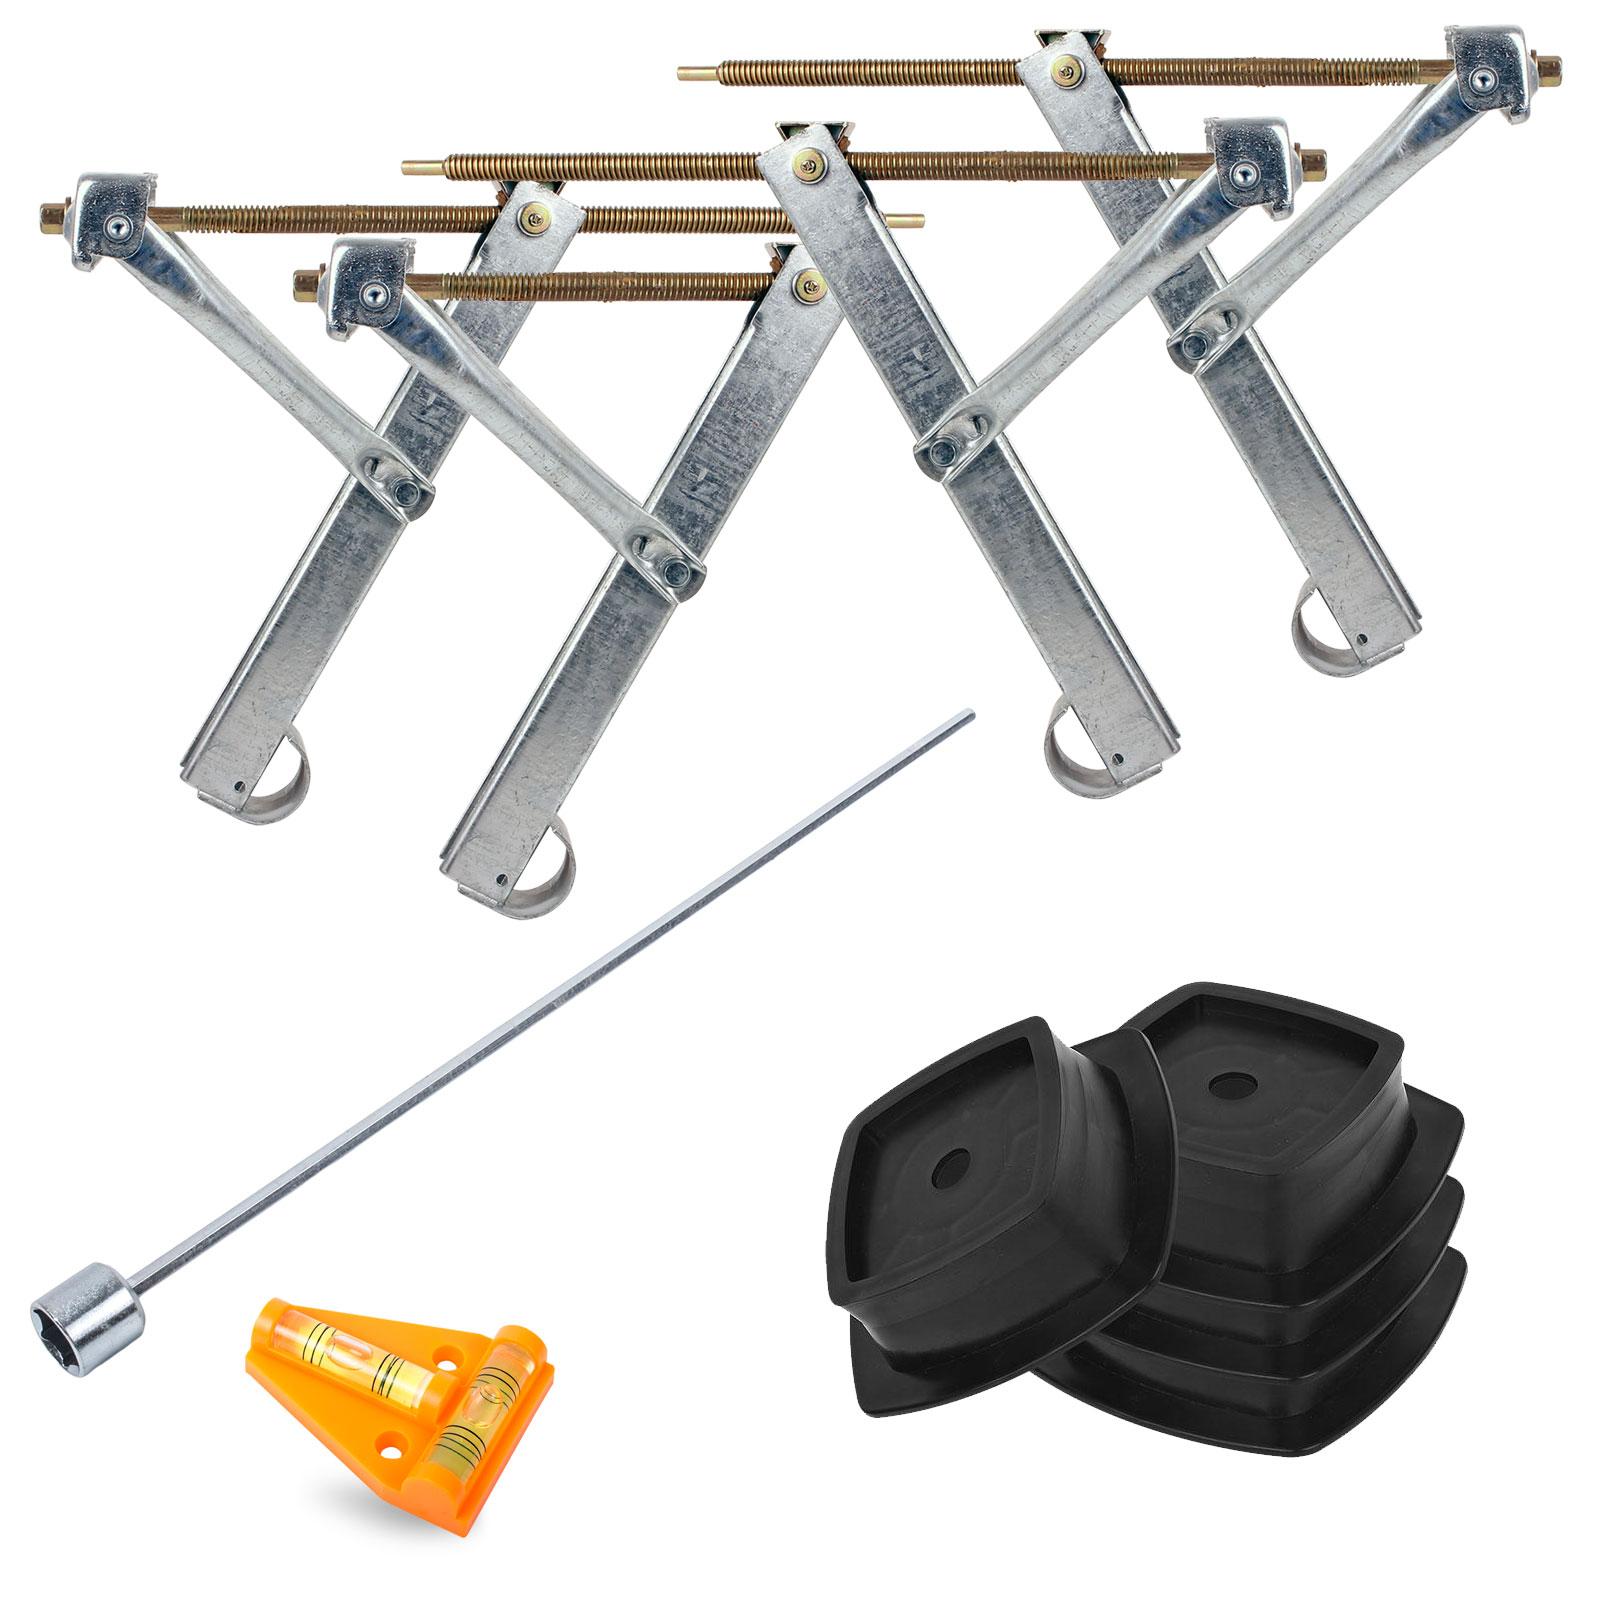 Ausdrehstützen Set + ProPlus Stützplatten + Akkuschrauberaufsatz + Wasserwaage